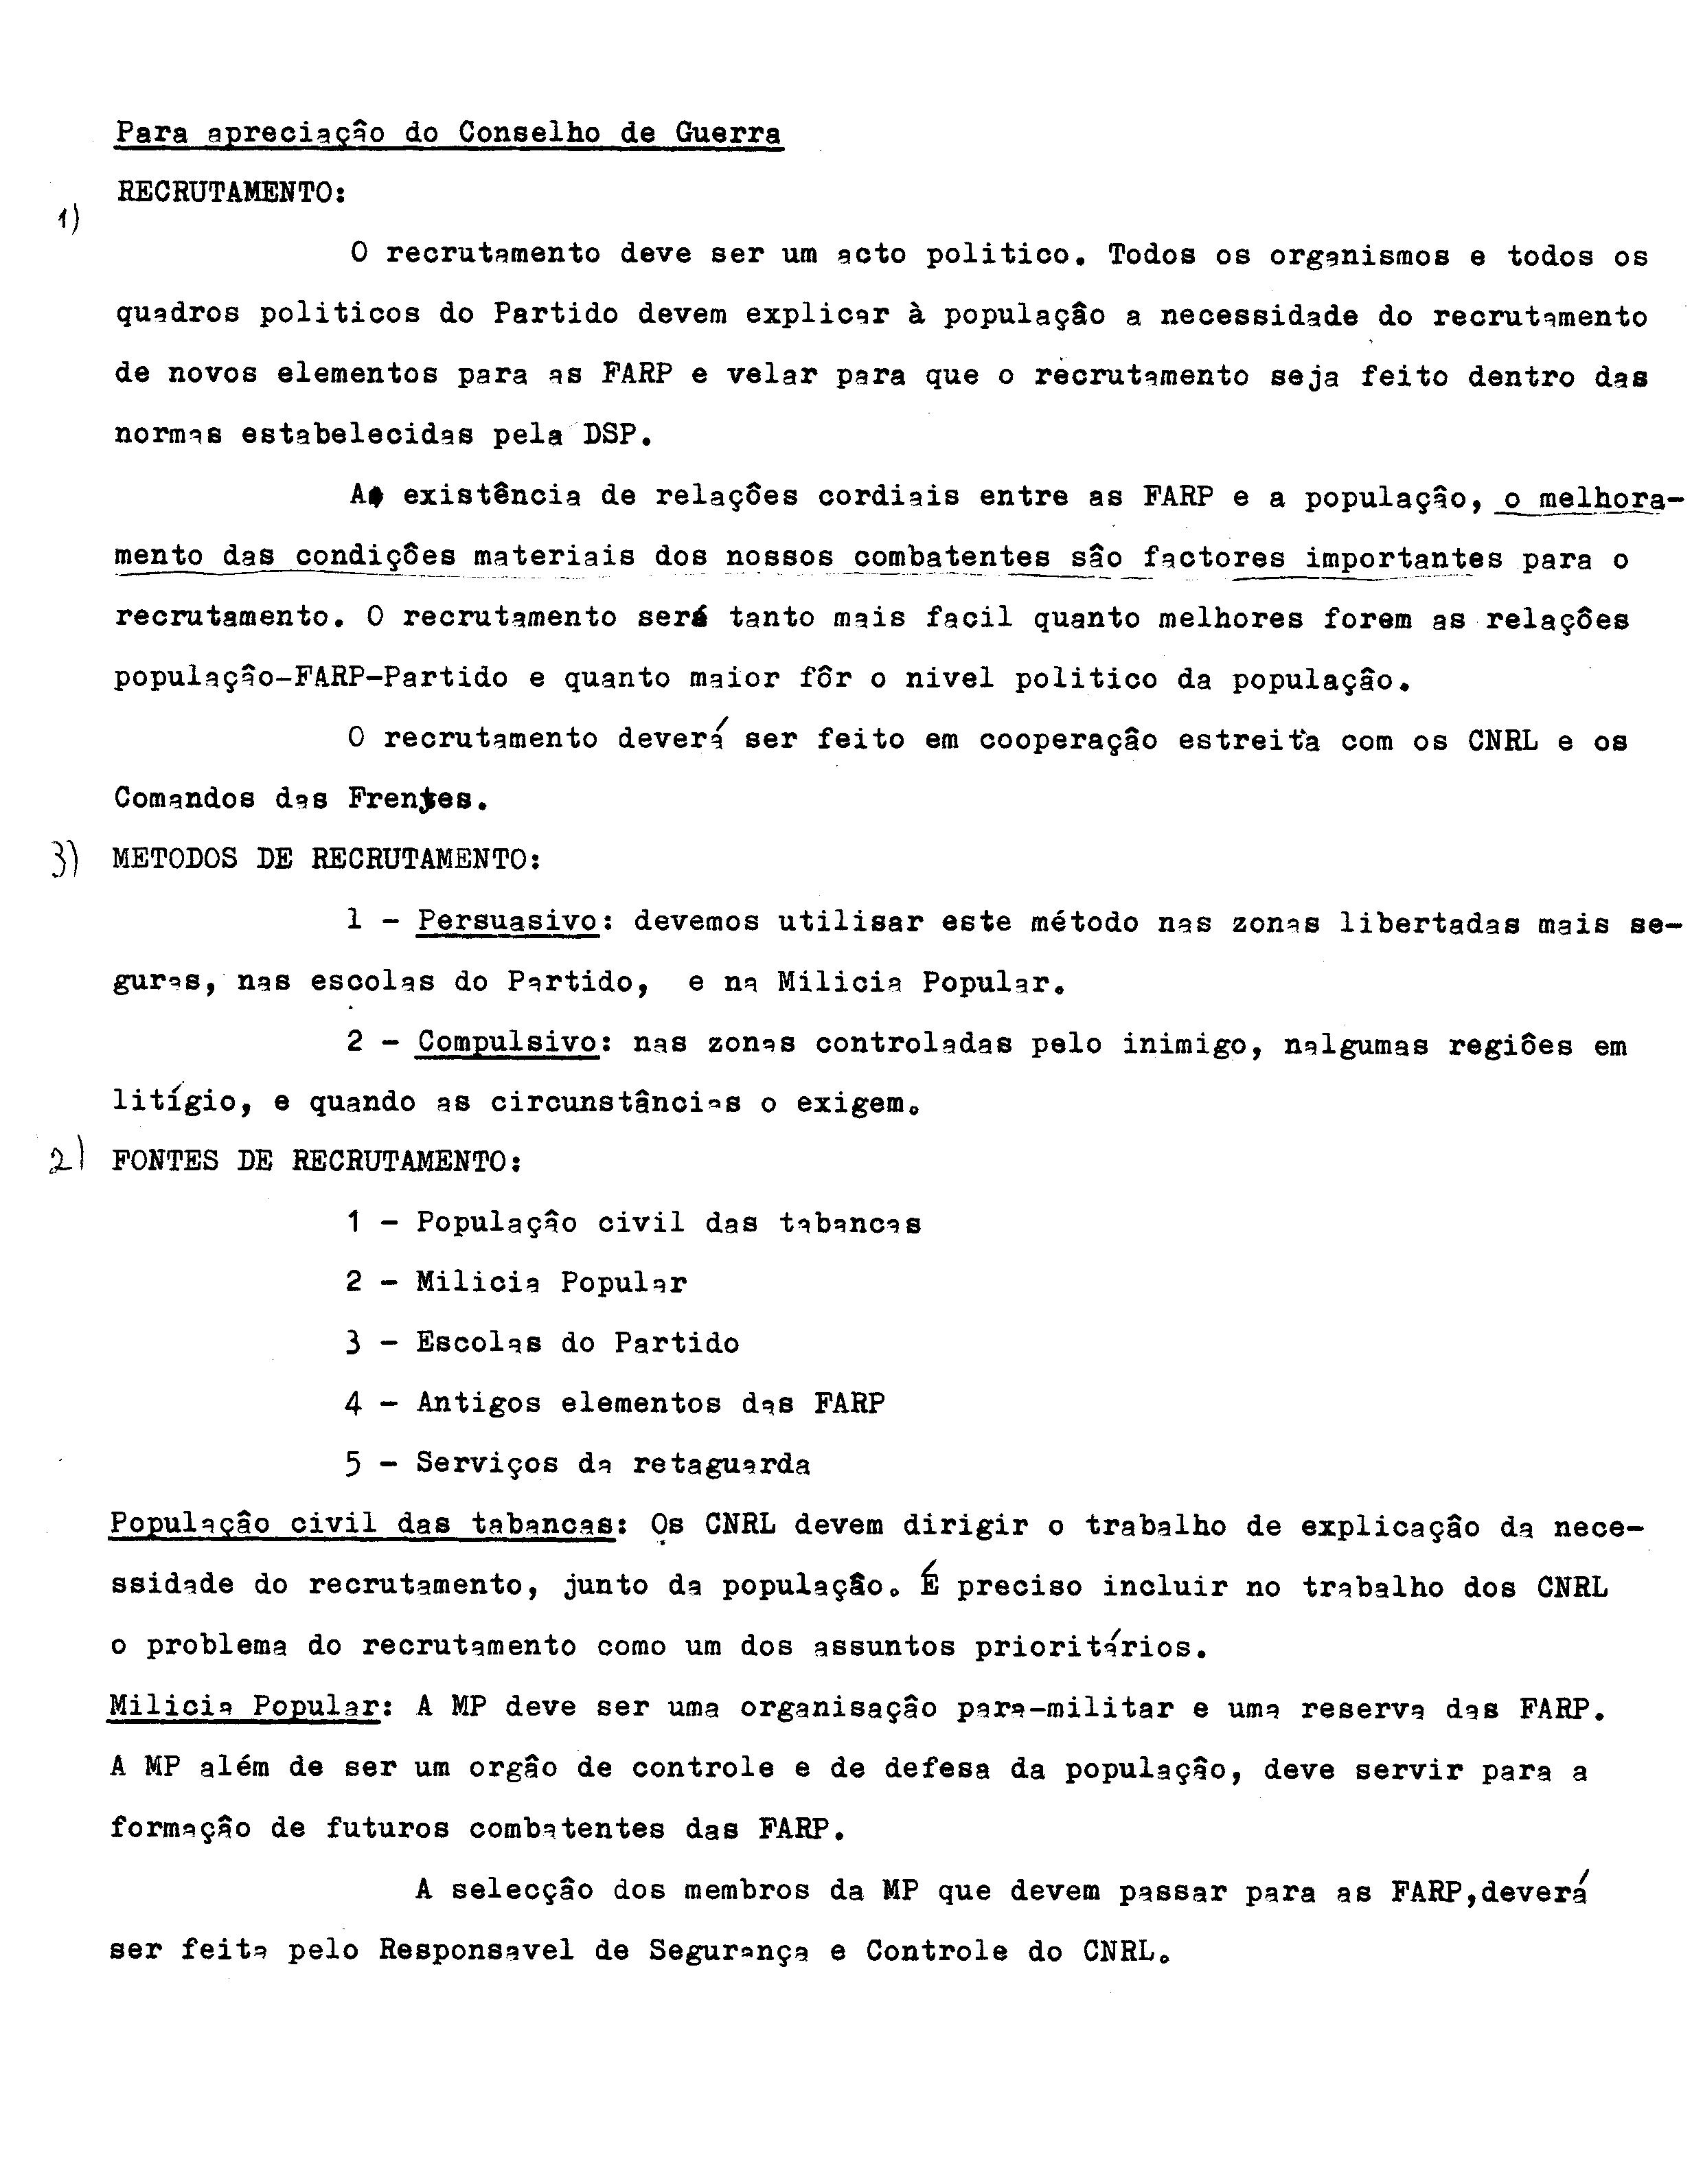 07196.159.007- pag.1